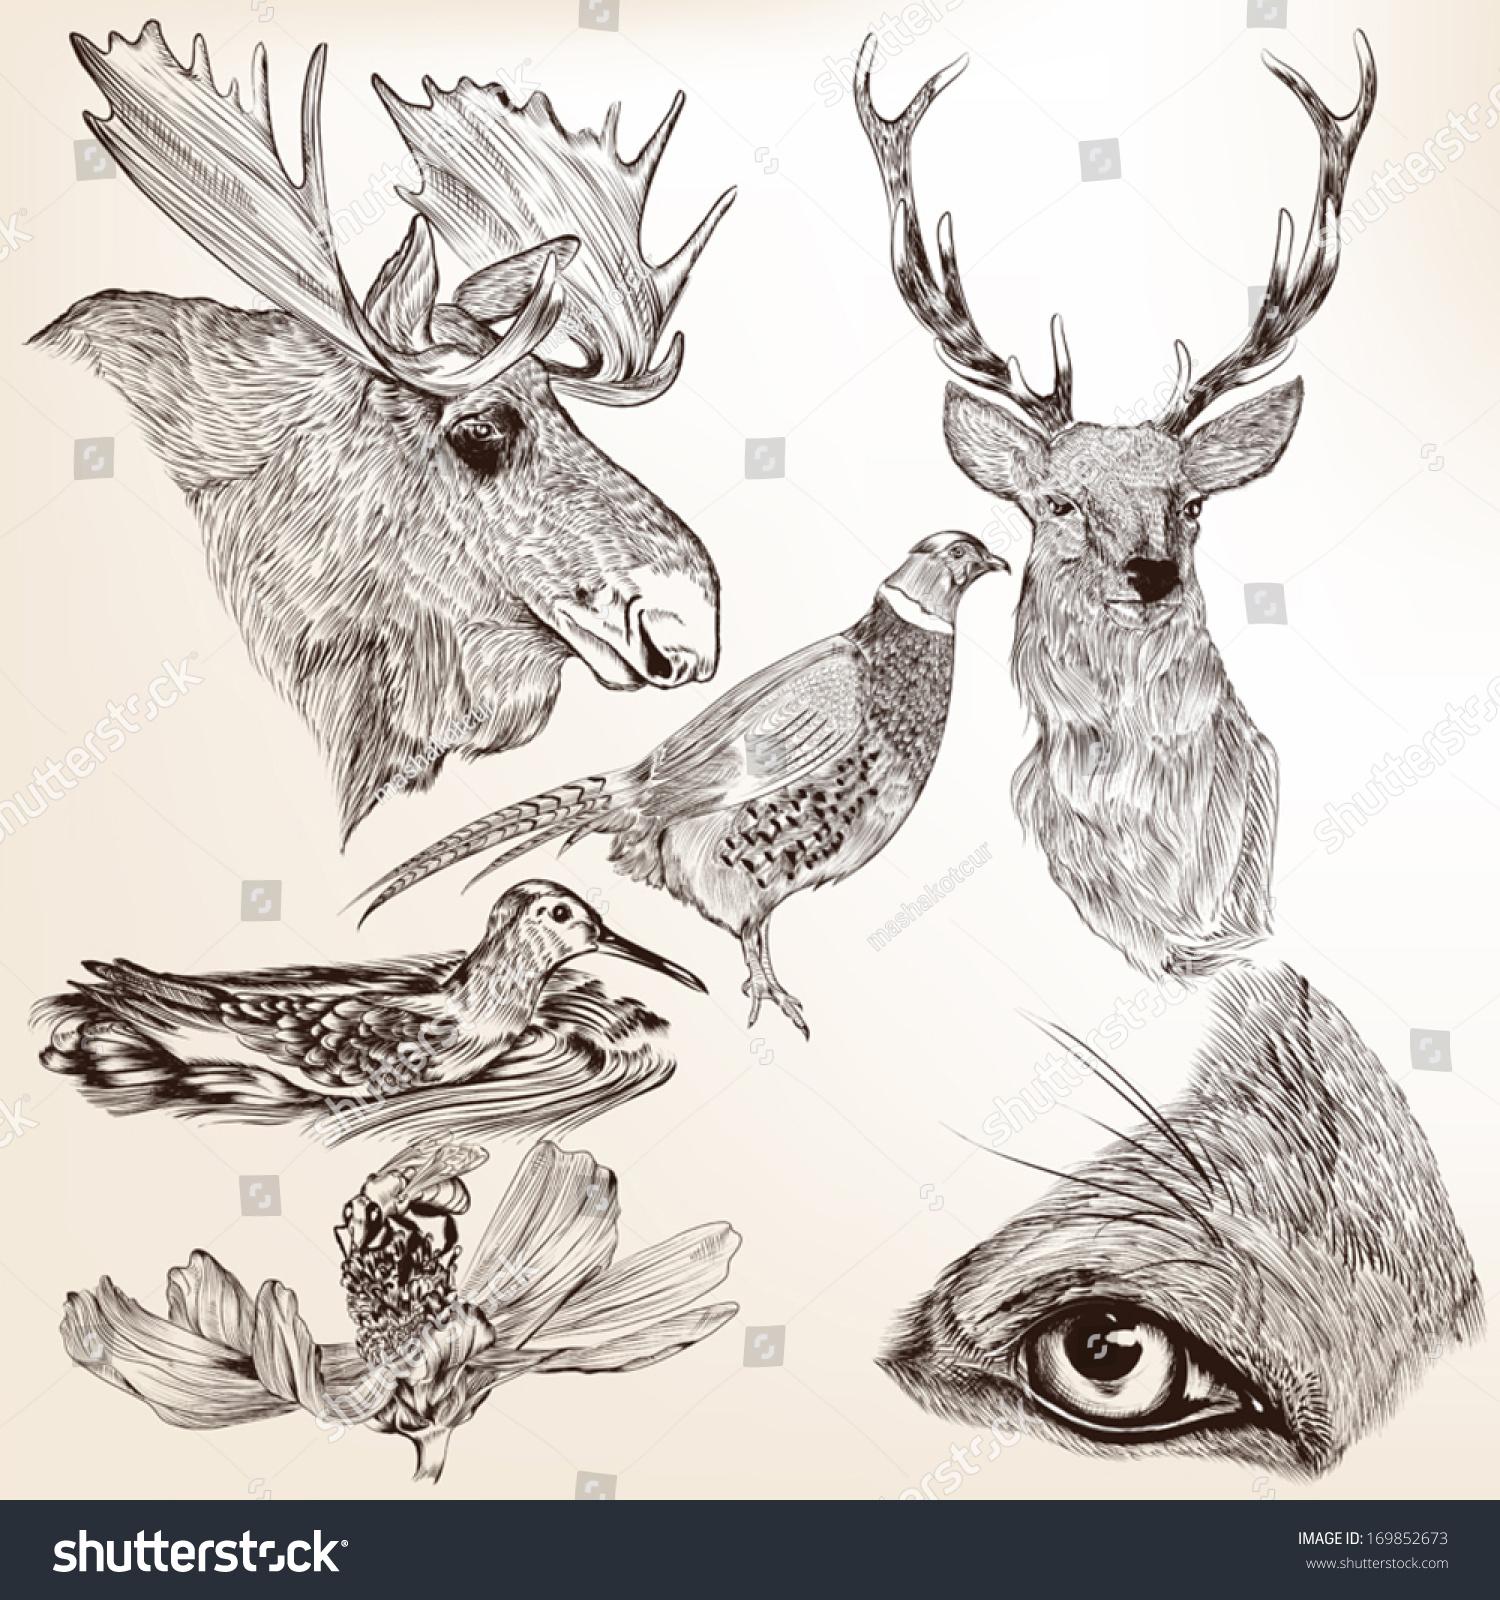 高的详细向量动物设计的集合-动物/野生生物-海洛